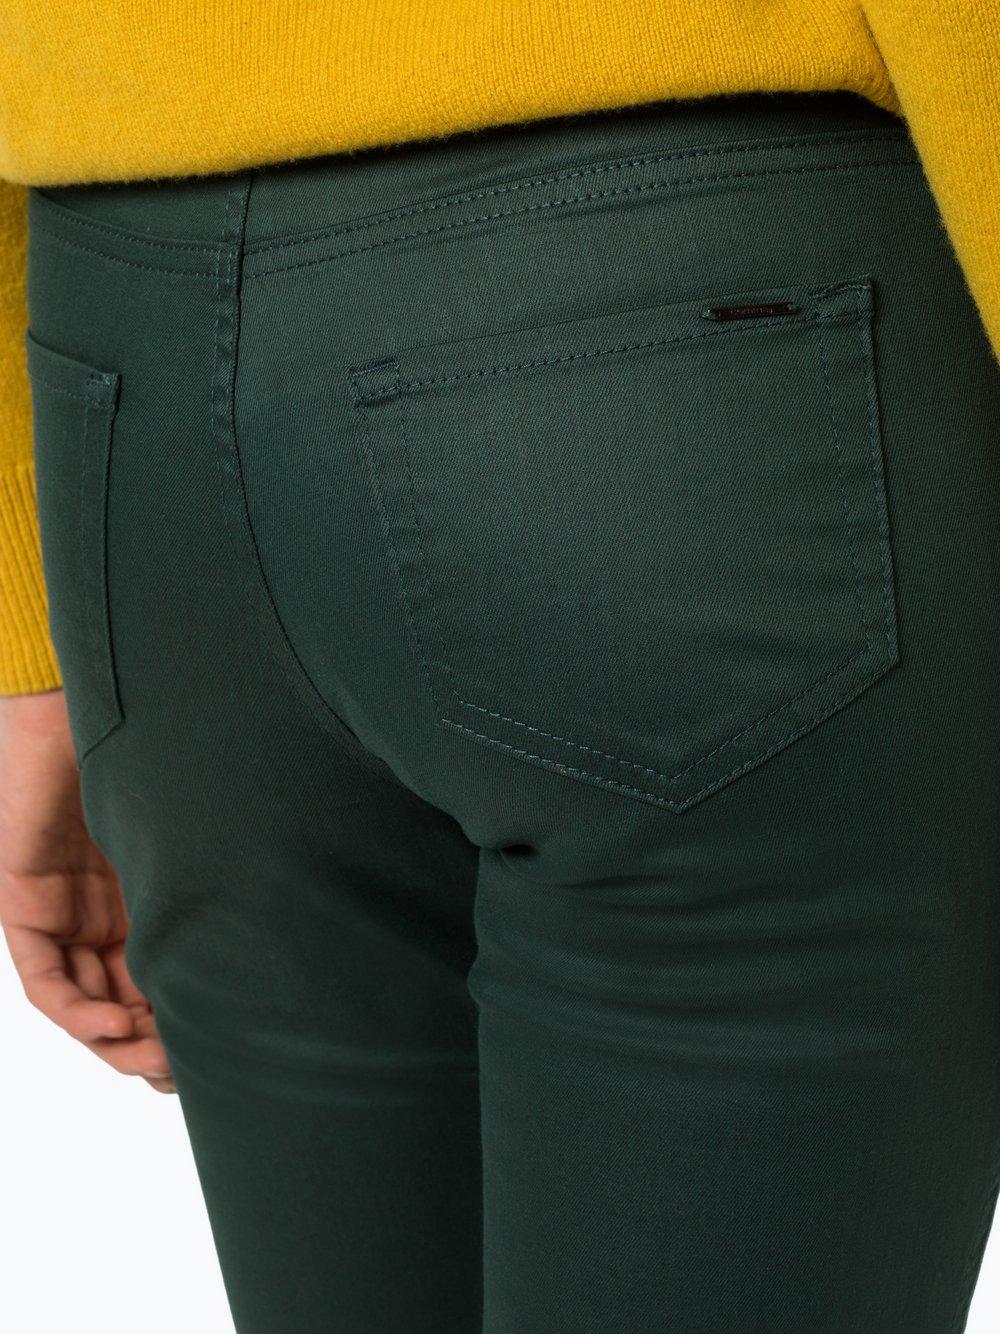 Bestbewertete Mode Wählen Sie für neueste besser comma Damen Hose - June online kaufen | VANGRAAF.COM